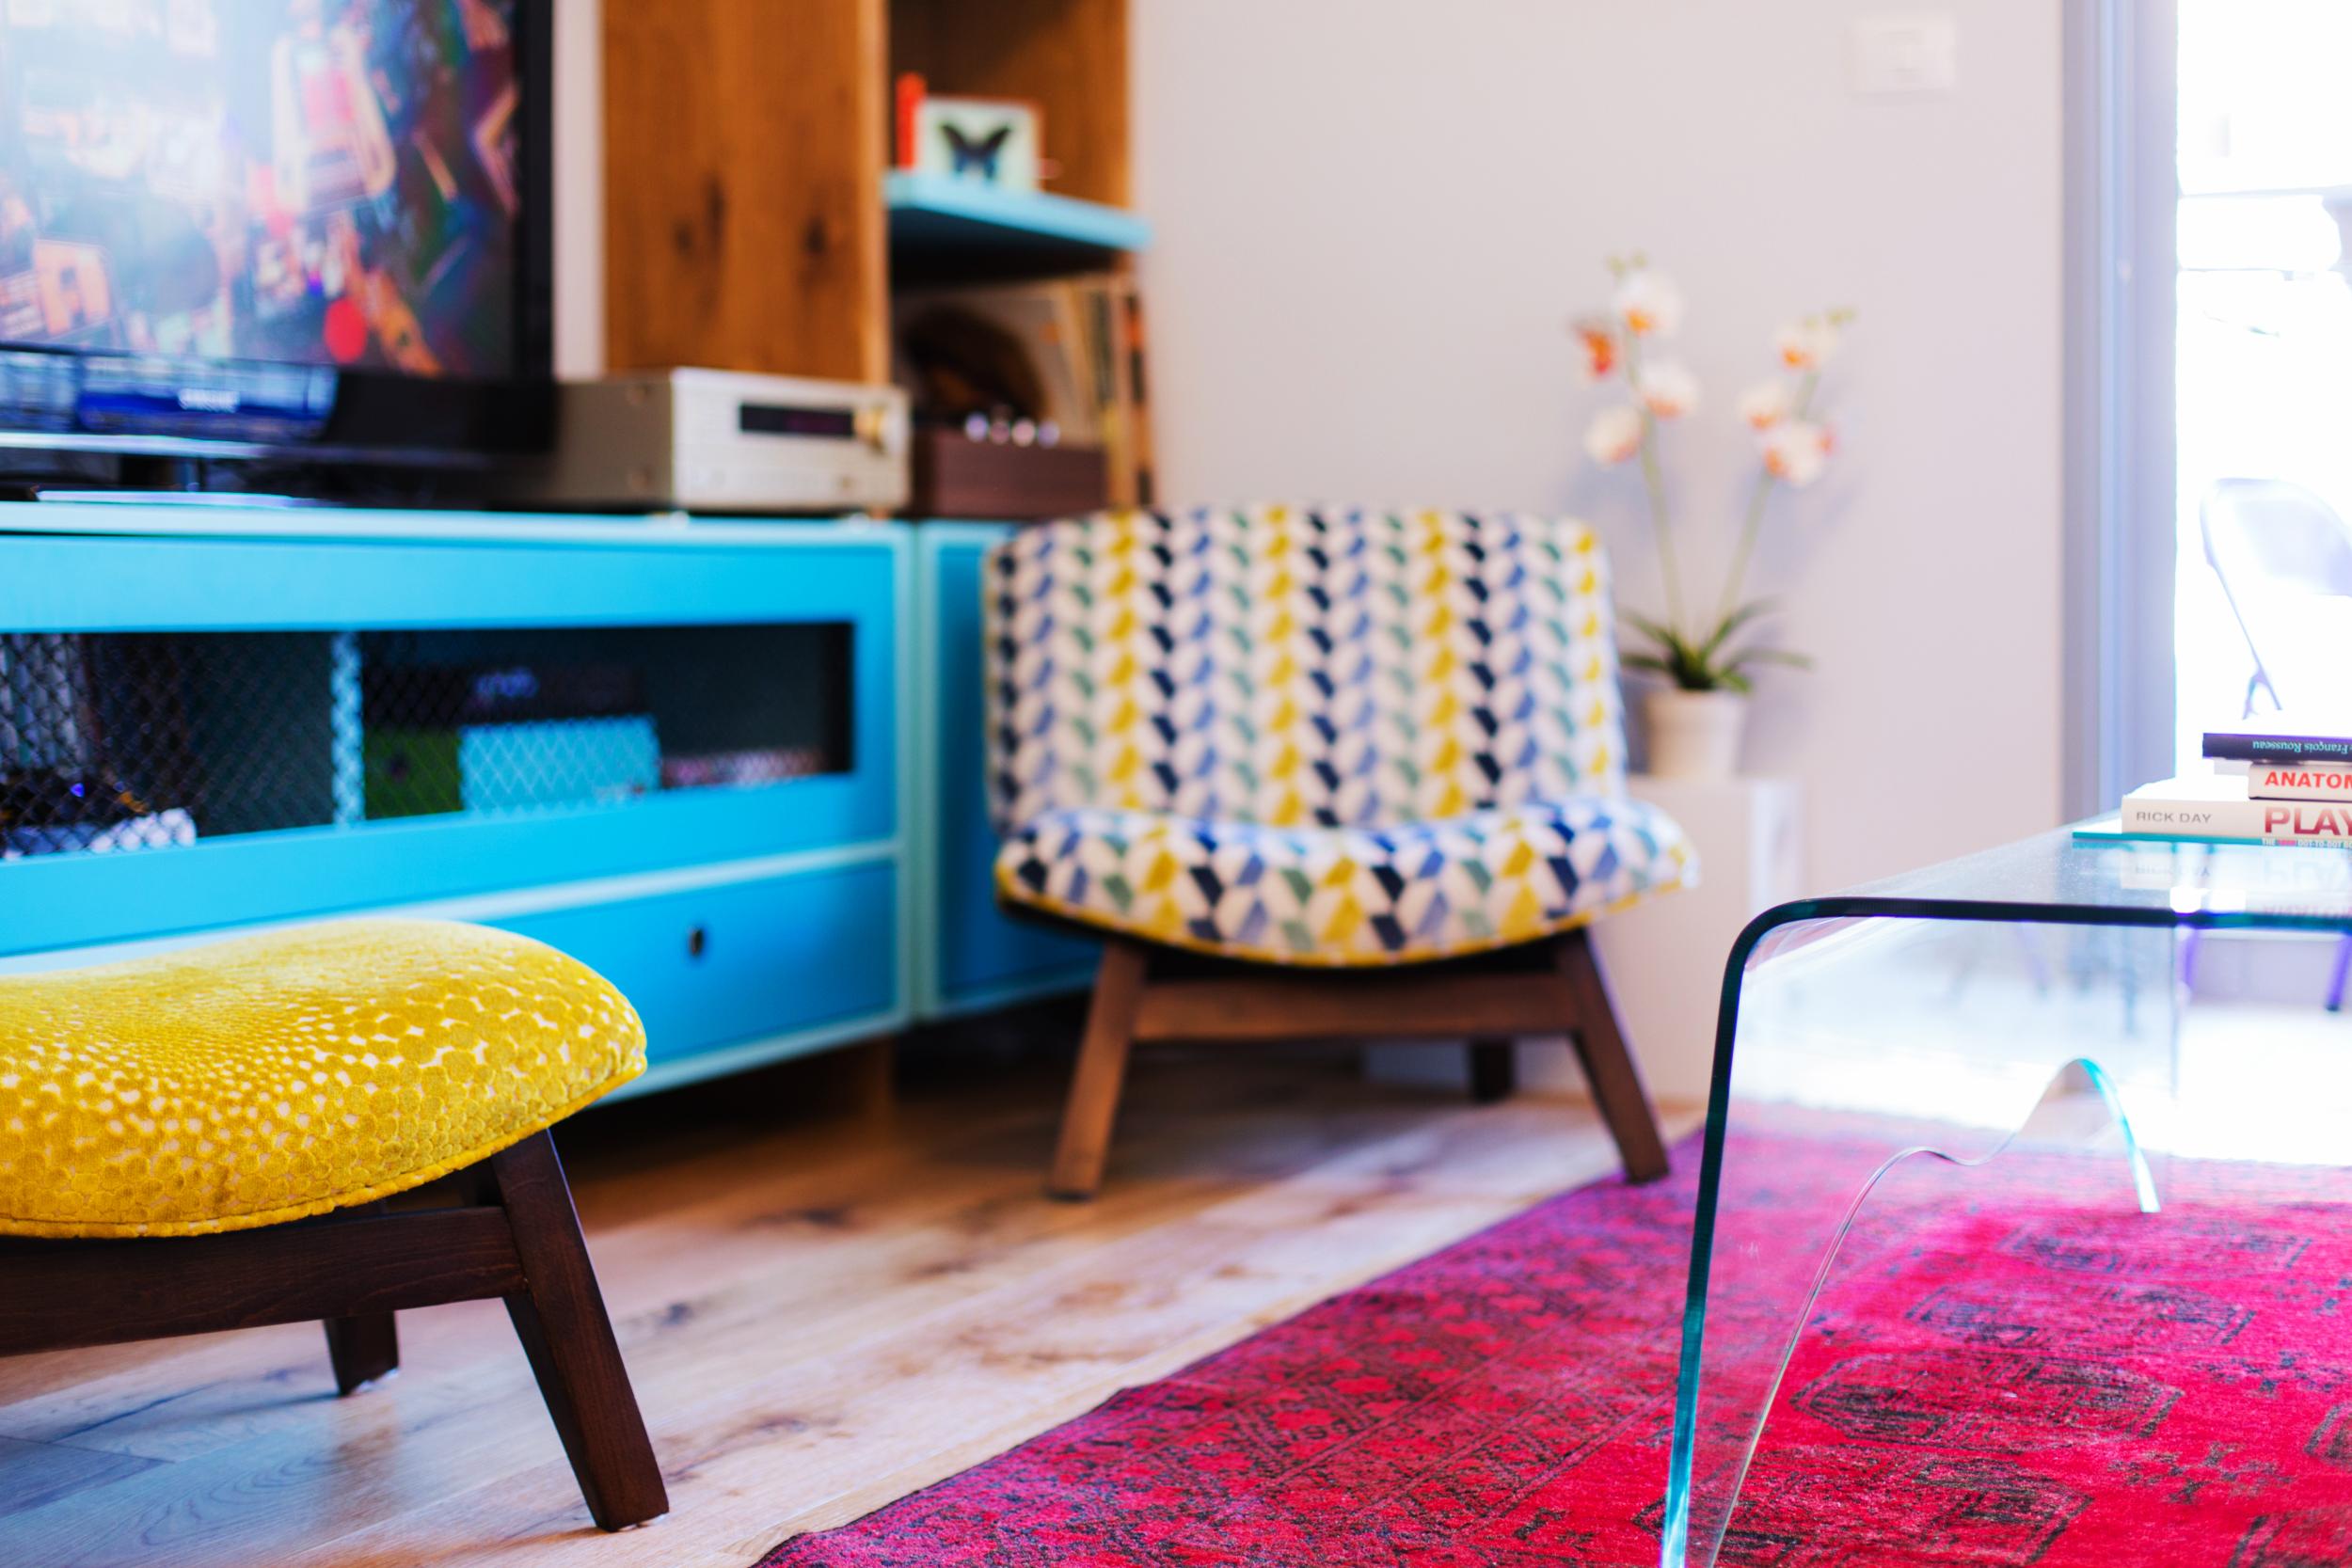 TLV apartment 2